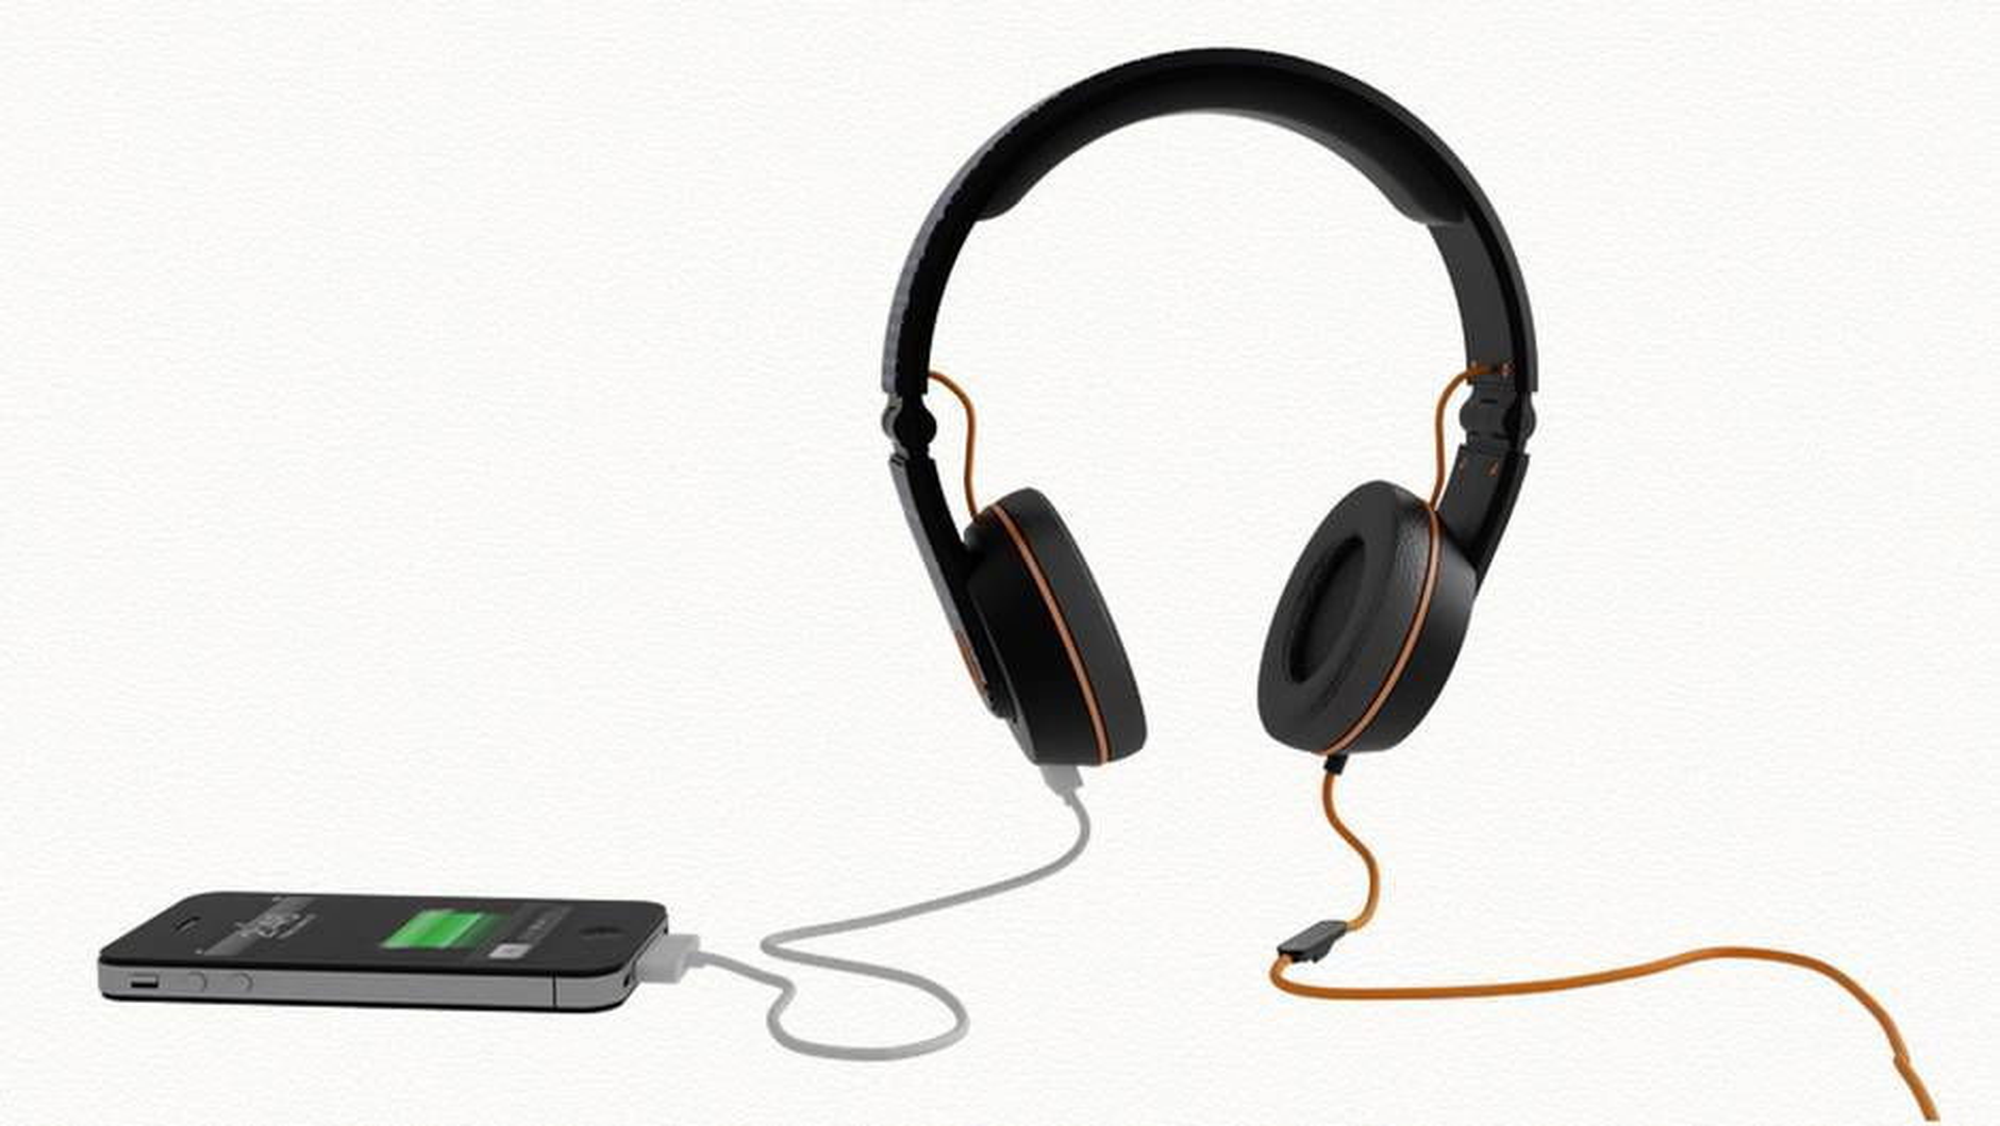 Disse hodetelefonene kan lade mobilen din